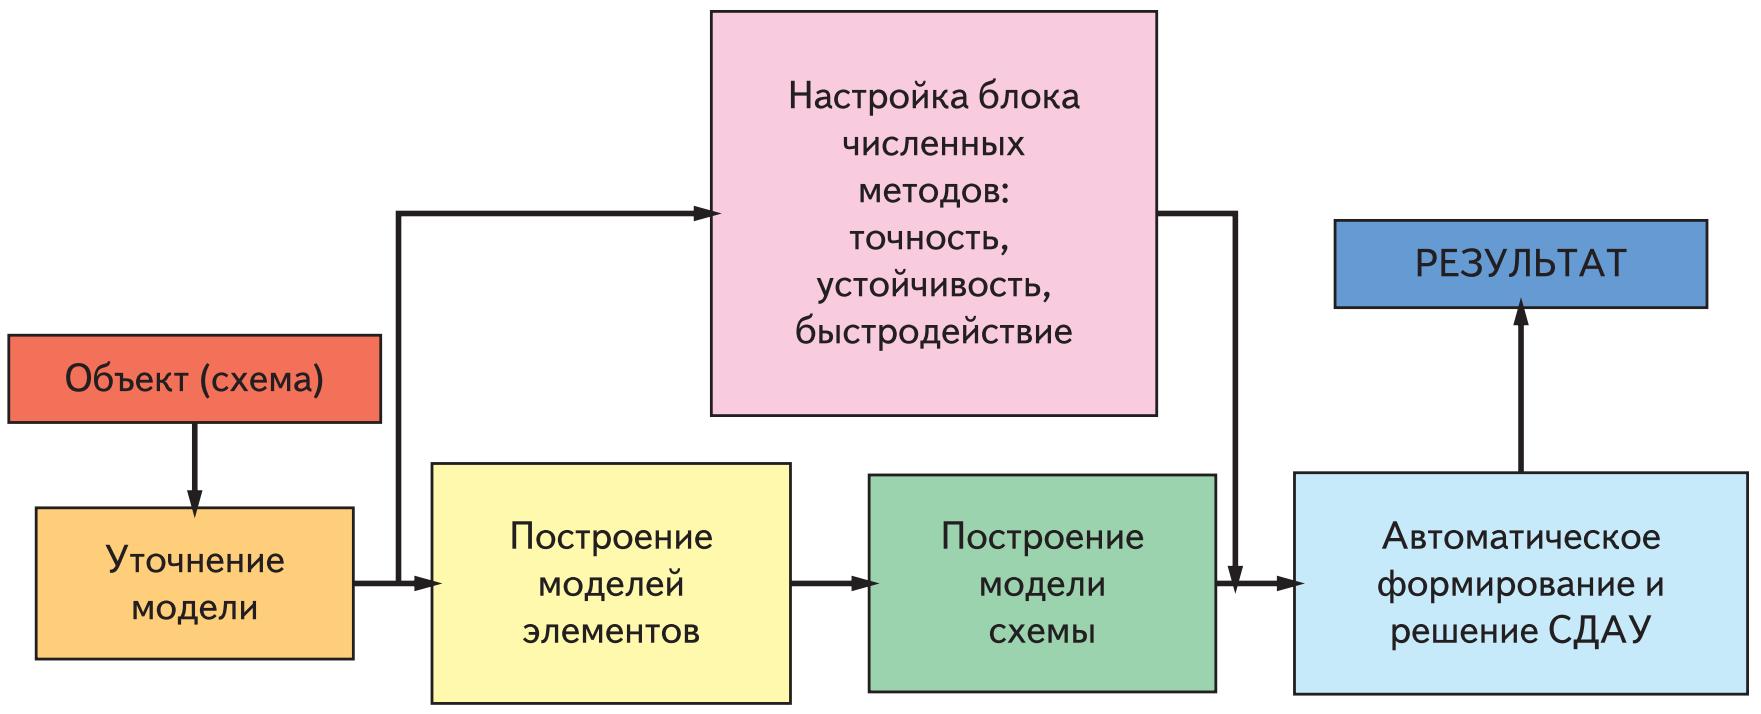 Подход к методике моделирования схем силовой электроники с использованием автоматических сред моделирования